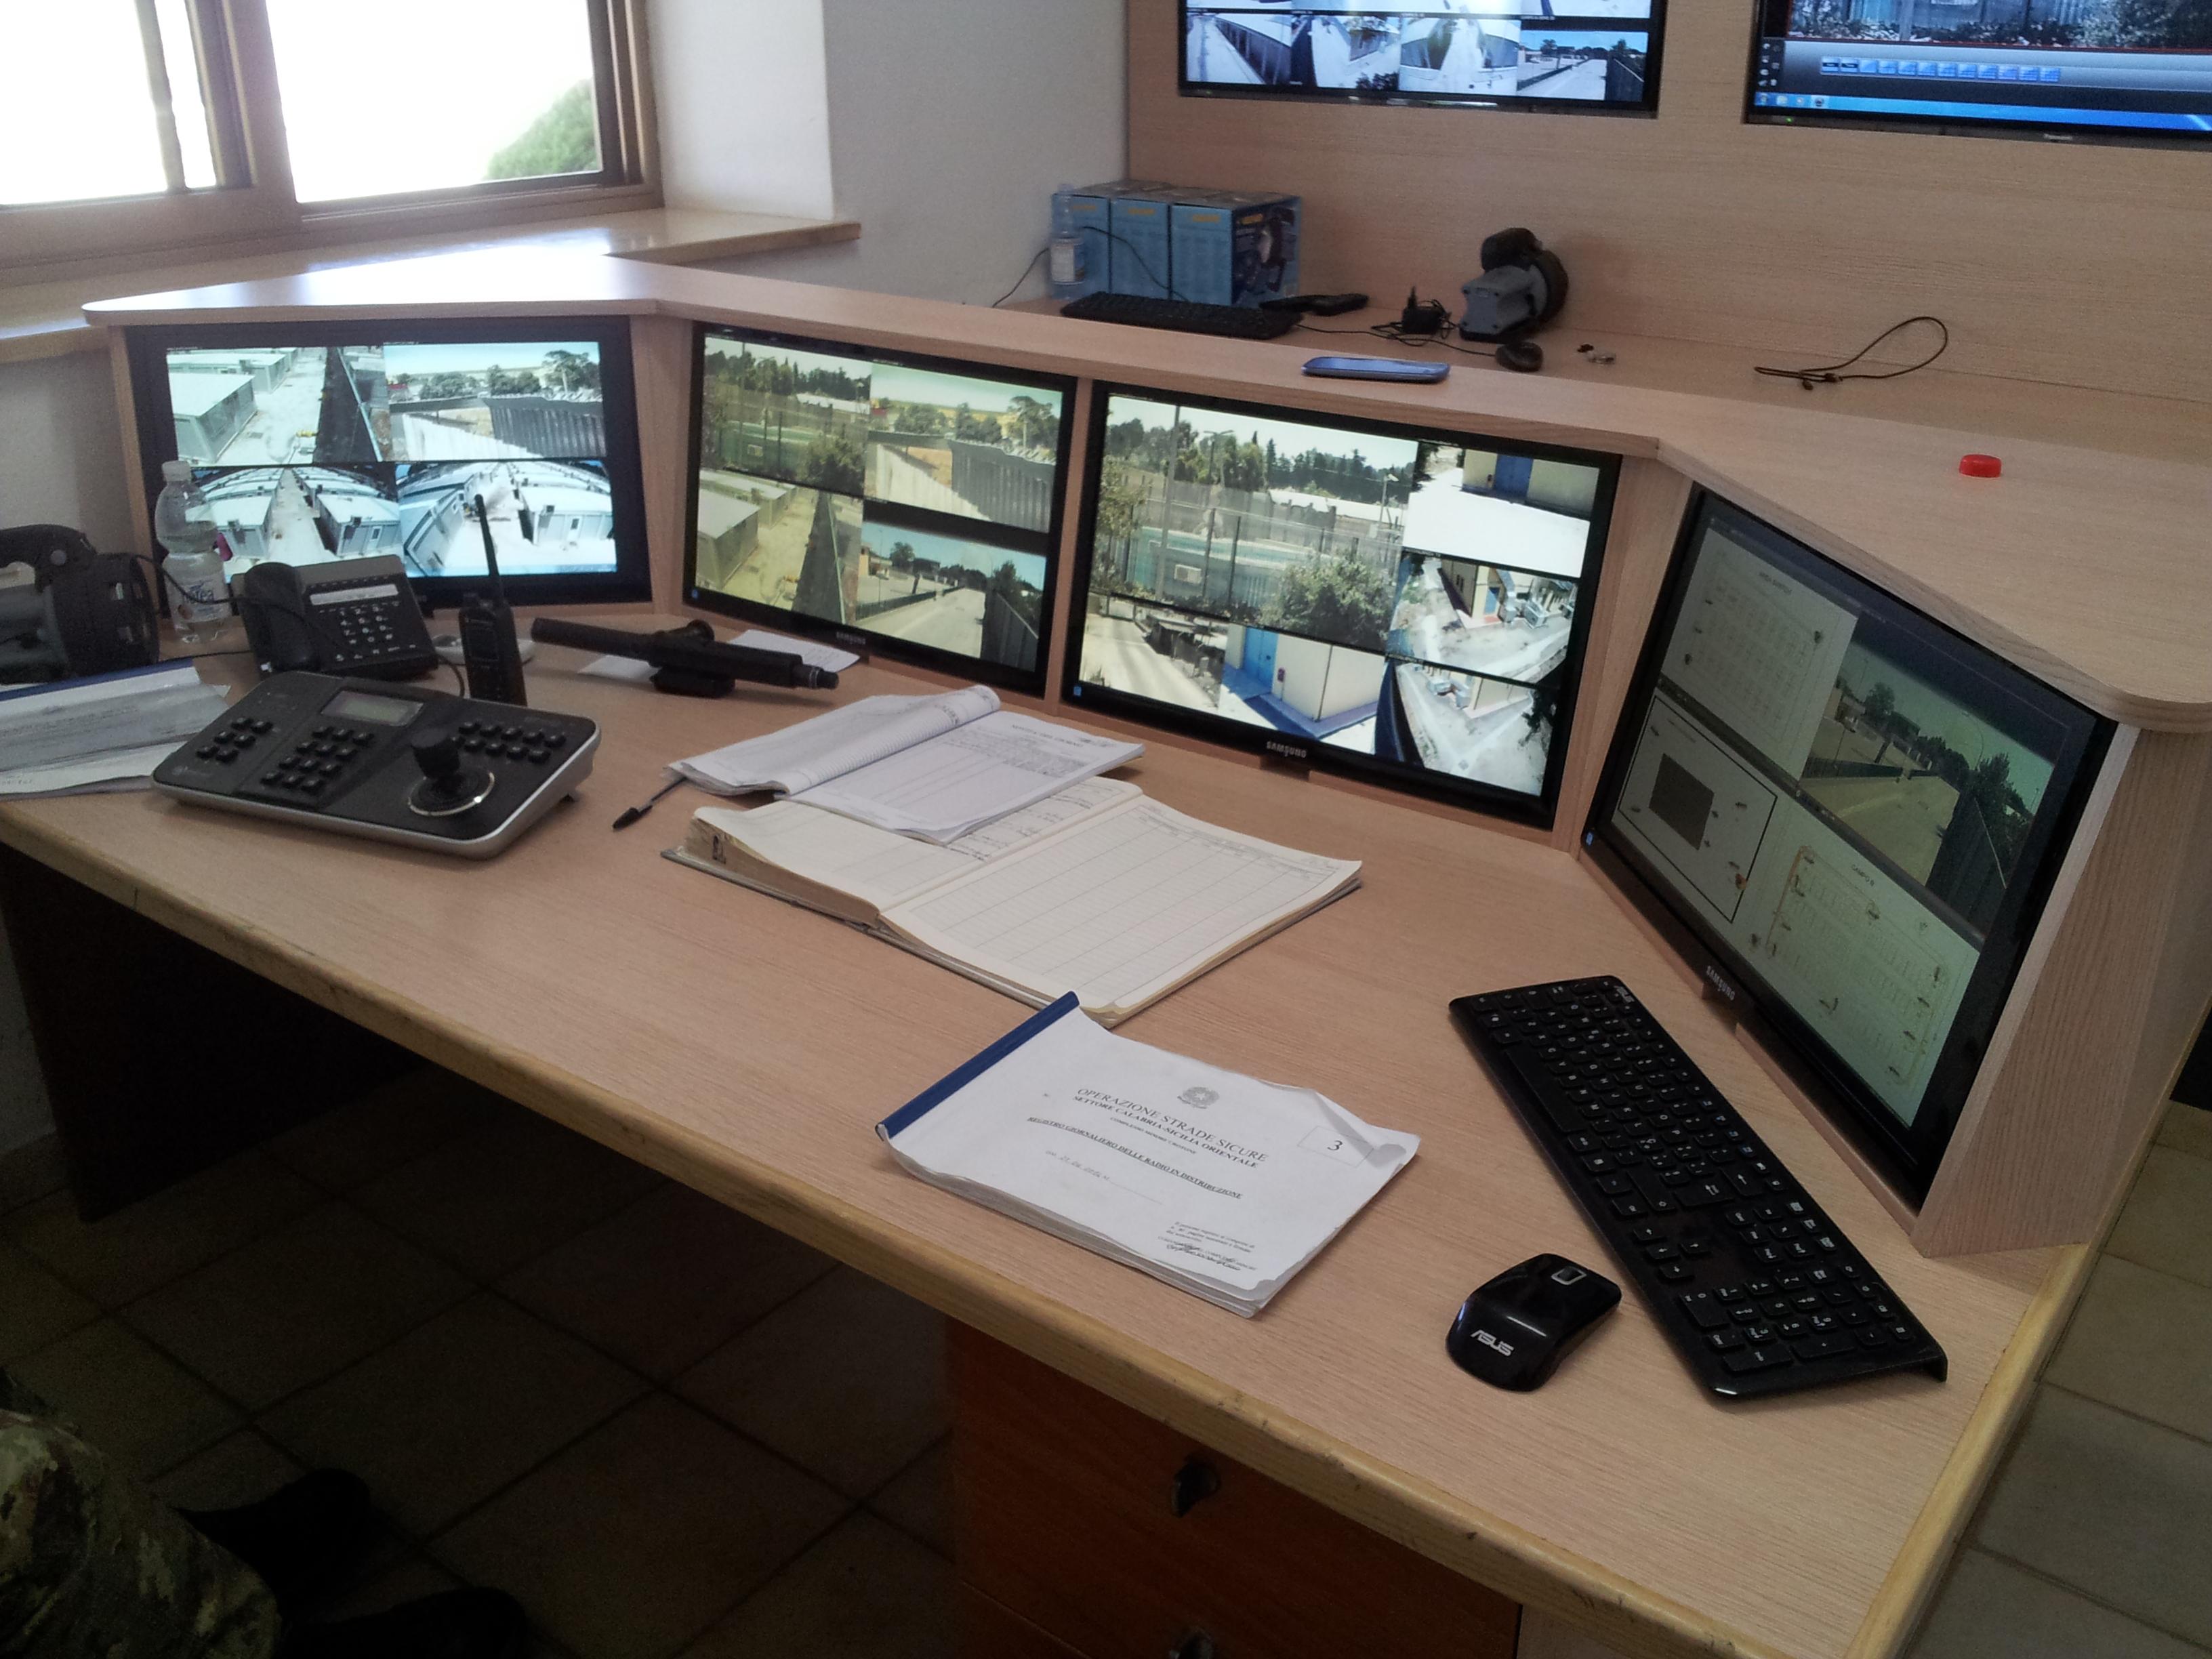 Videosorveglianza e controllo stabilimenti e impianti produttivi, piazzali, depositi, uffici